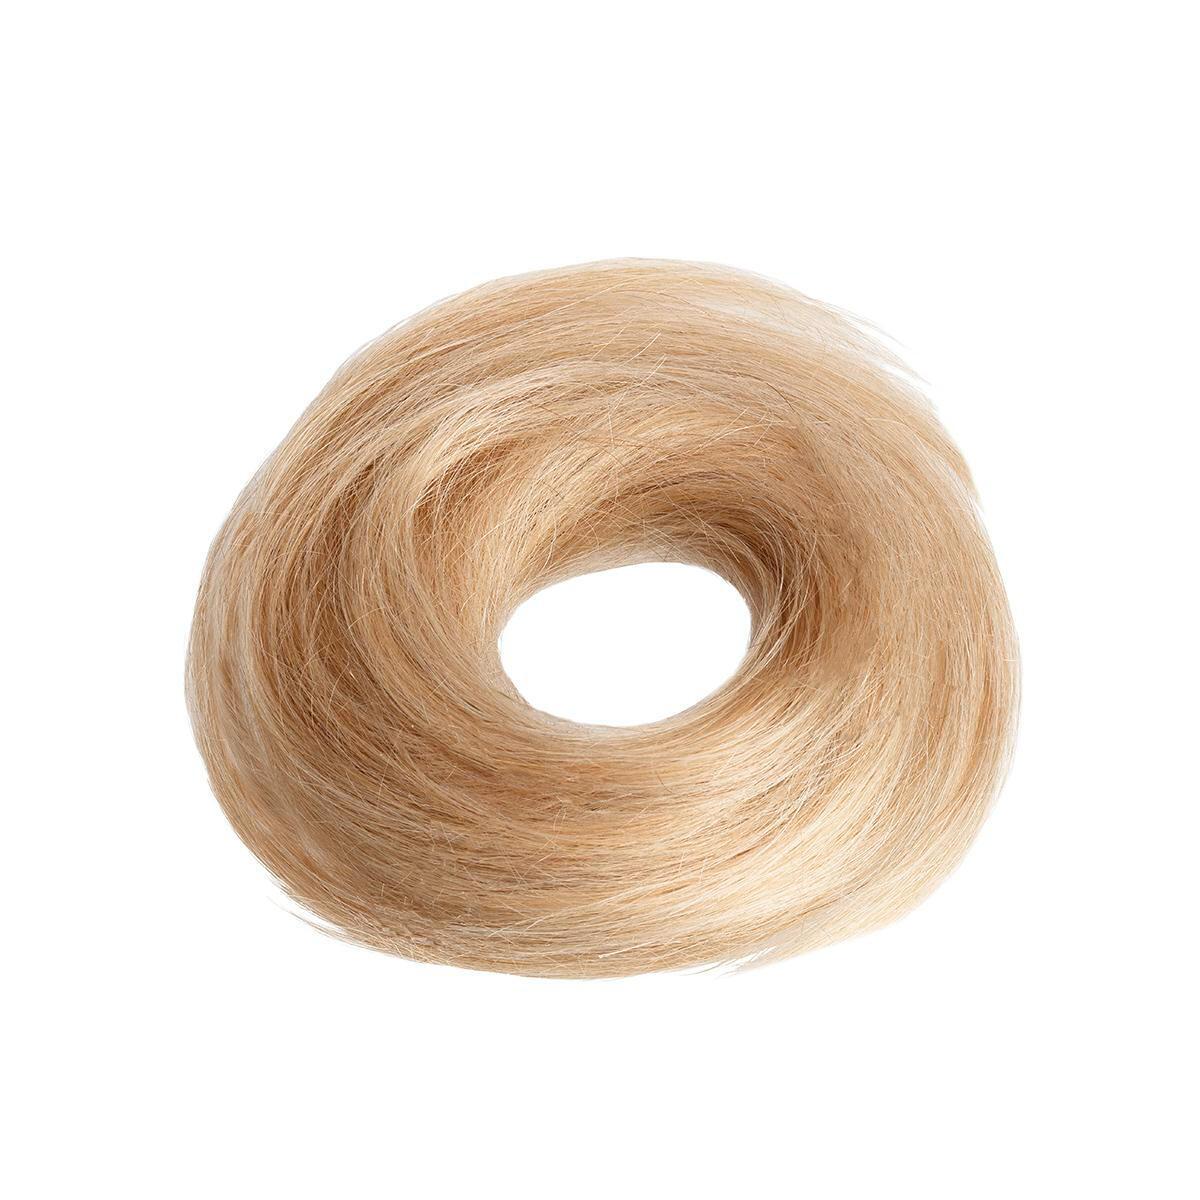 Volume Hair Scrunchie Original 40 g M7.4/8.0 Summer Blonde 0 cm